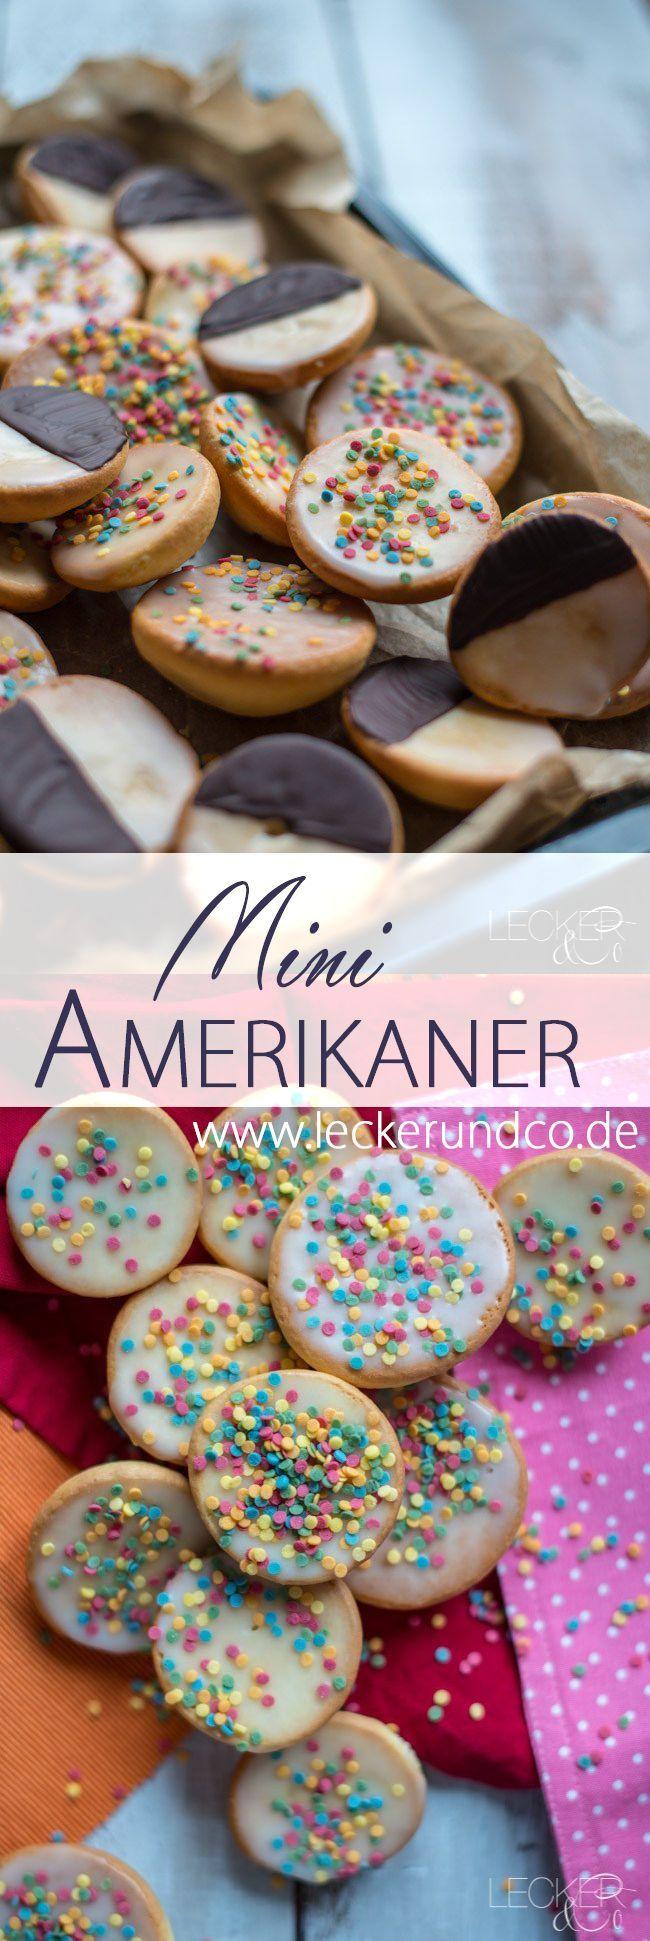 Mini Amerikaner | LECKER&Co | Foodblog aus Nürnberg